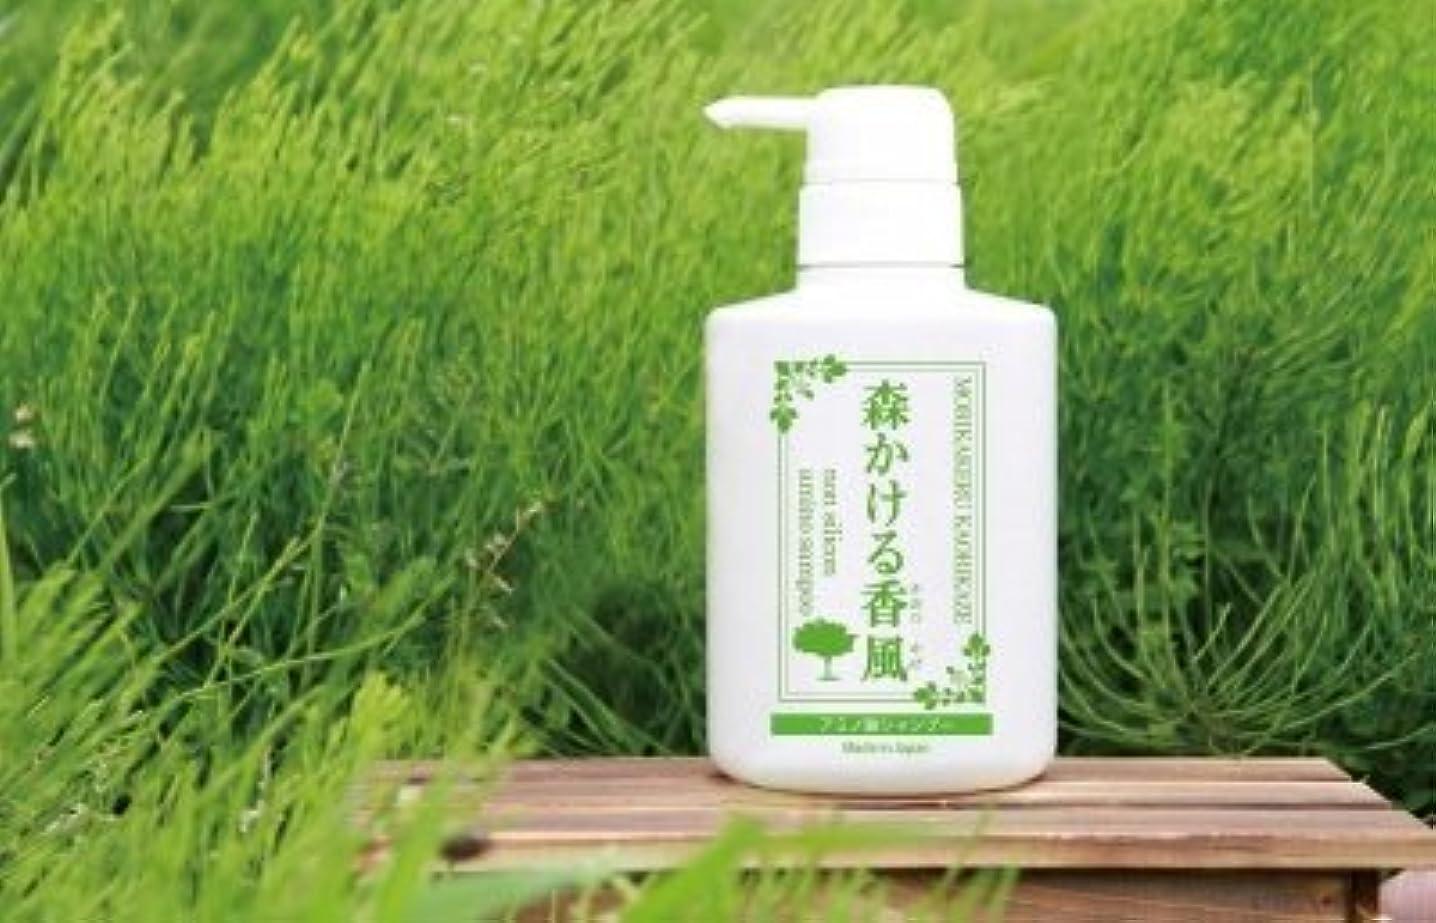 不利益神社液体お肌にやさしい弱酸性のアミノ酸シャンプー「森かける香風」300ml(品番K-1)k-gate